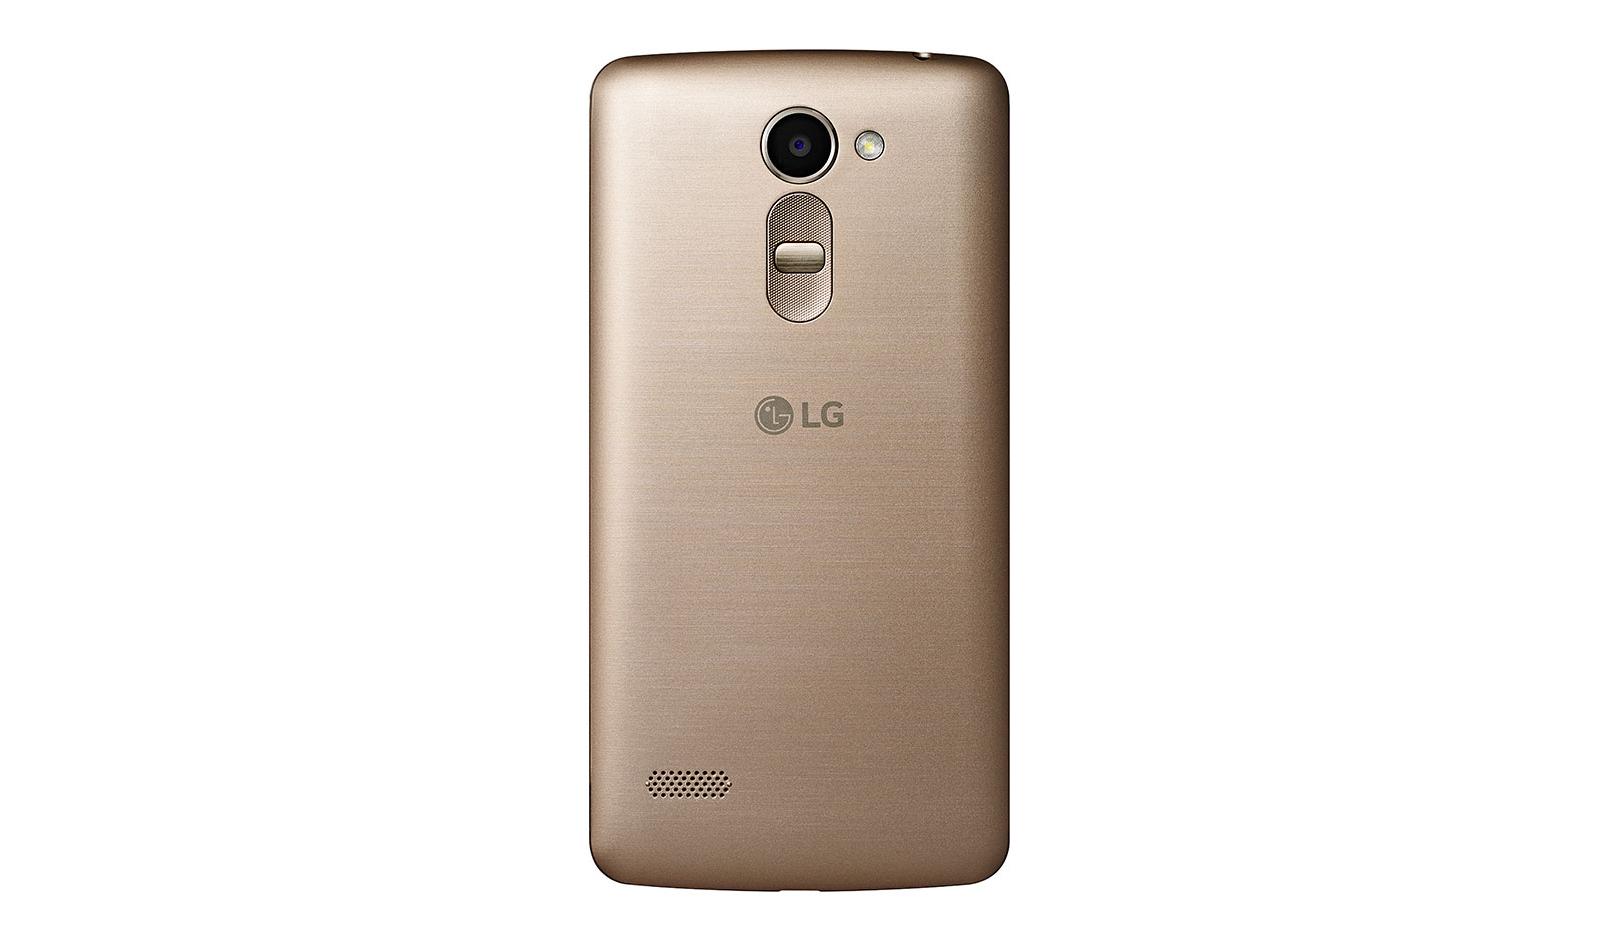 Come fare uno screenshot su LG L Fino, LG G4, LG G Flex 2 e LG Nexus 6 4